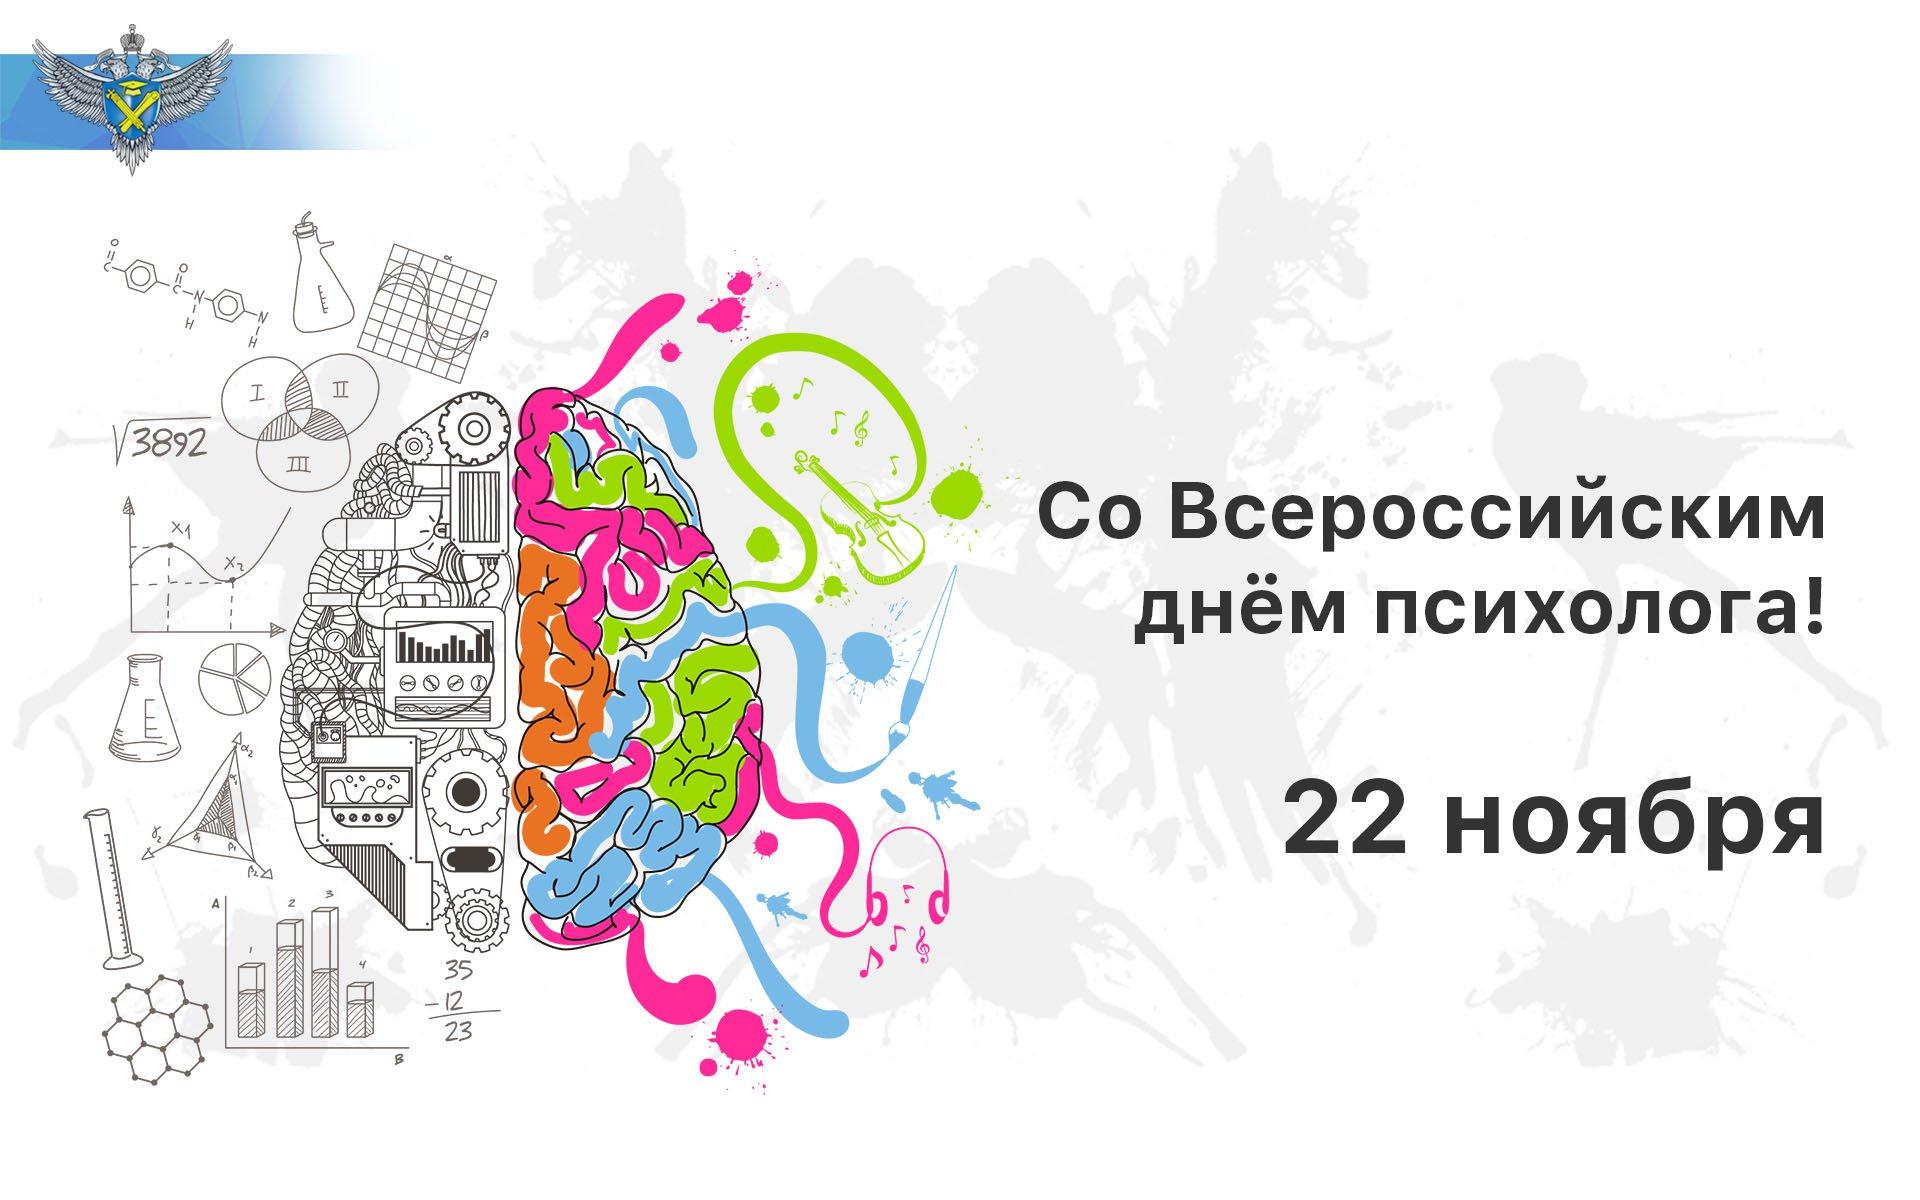 подольске картинка день психолога в казахстане заказать